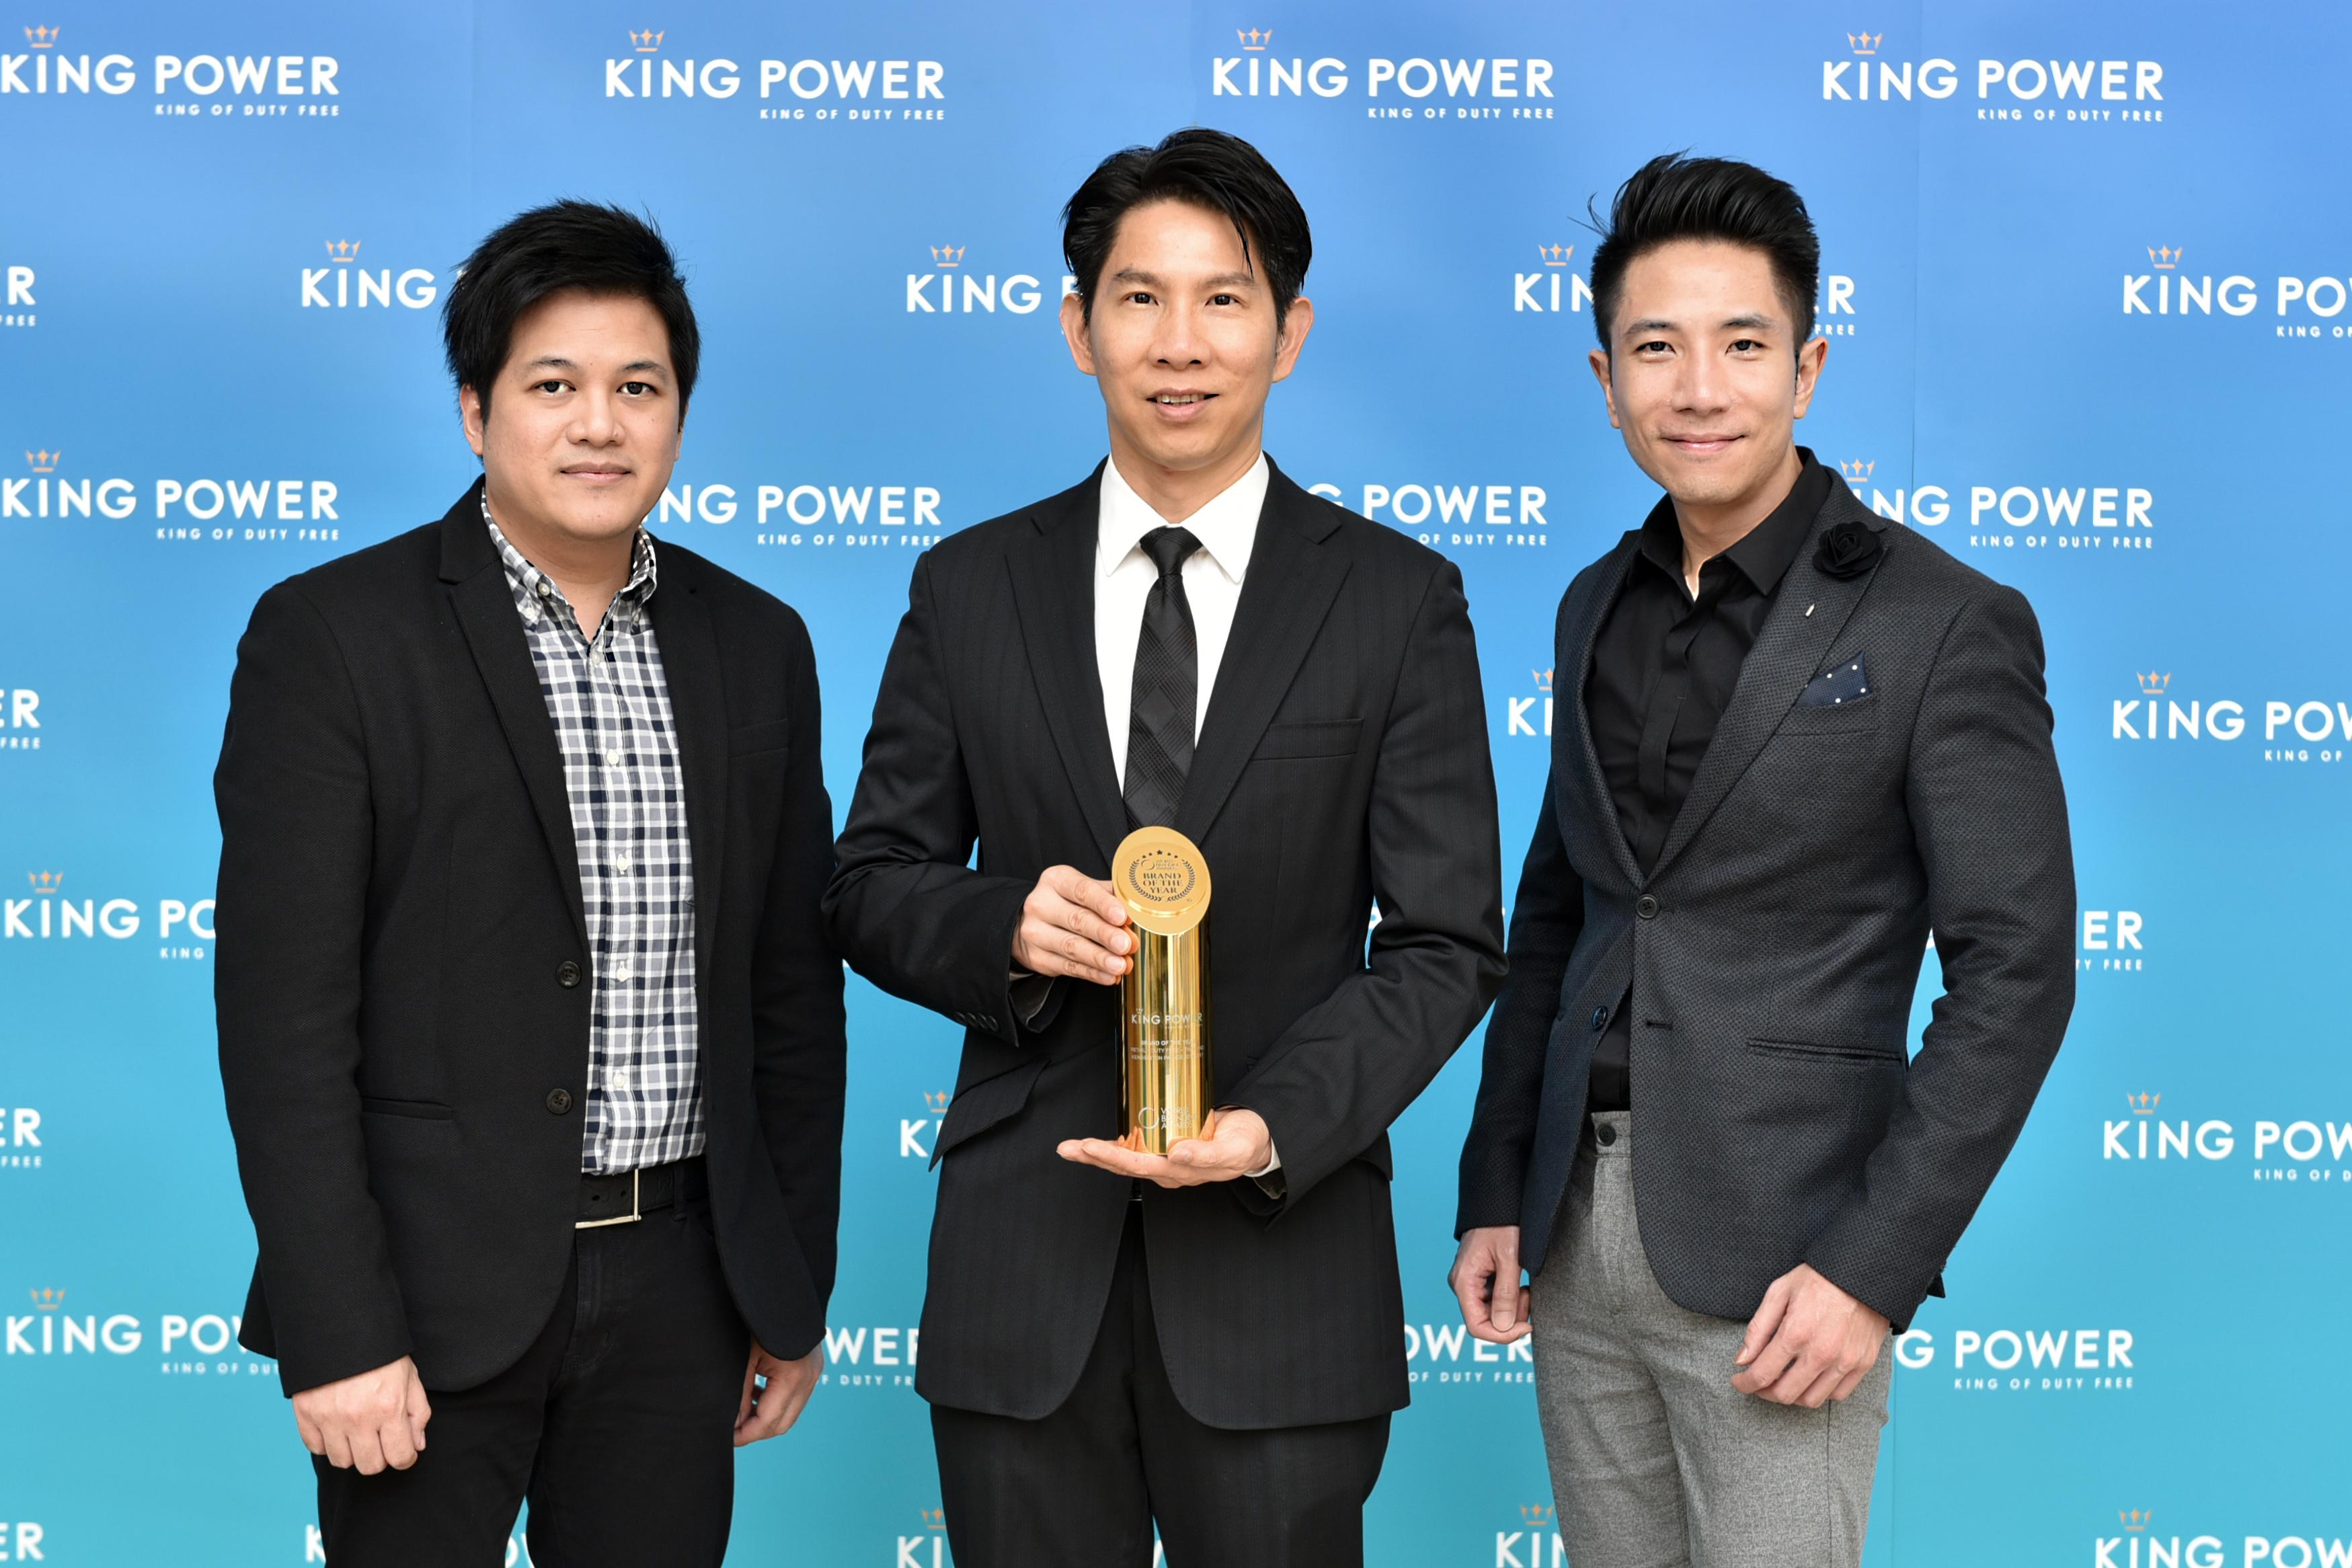 กลุ่มบริษัท คิง เพาเวอร์ คว้ารางวัล Brand of the Year 2016-2017